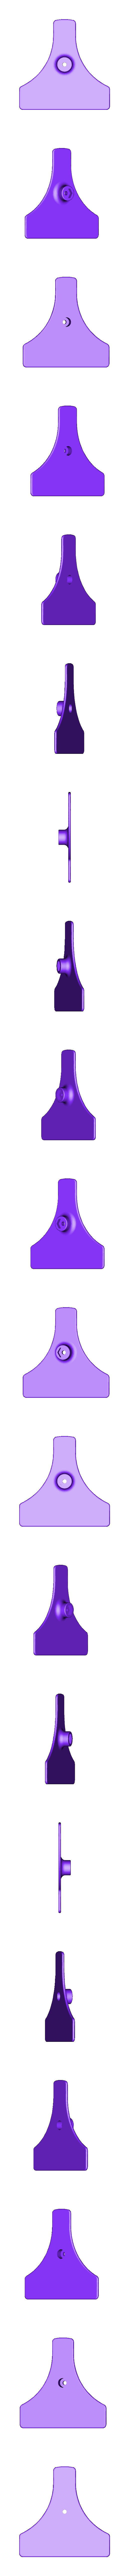 Wheel_Block.stl Télécharger fichier STL gratuit Jauge de carrossage pour RC • Plan imprimable en 3D, Nacelle